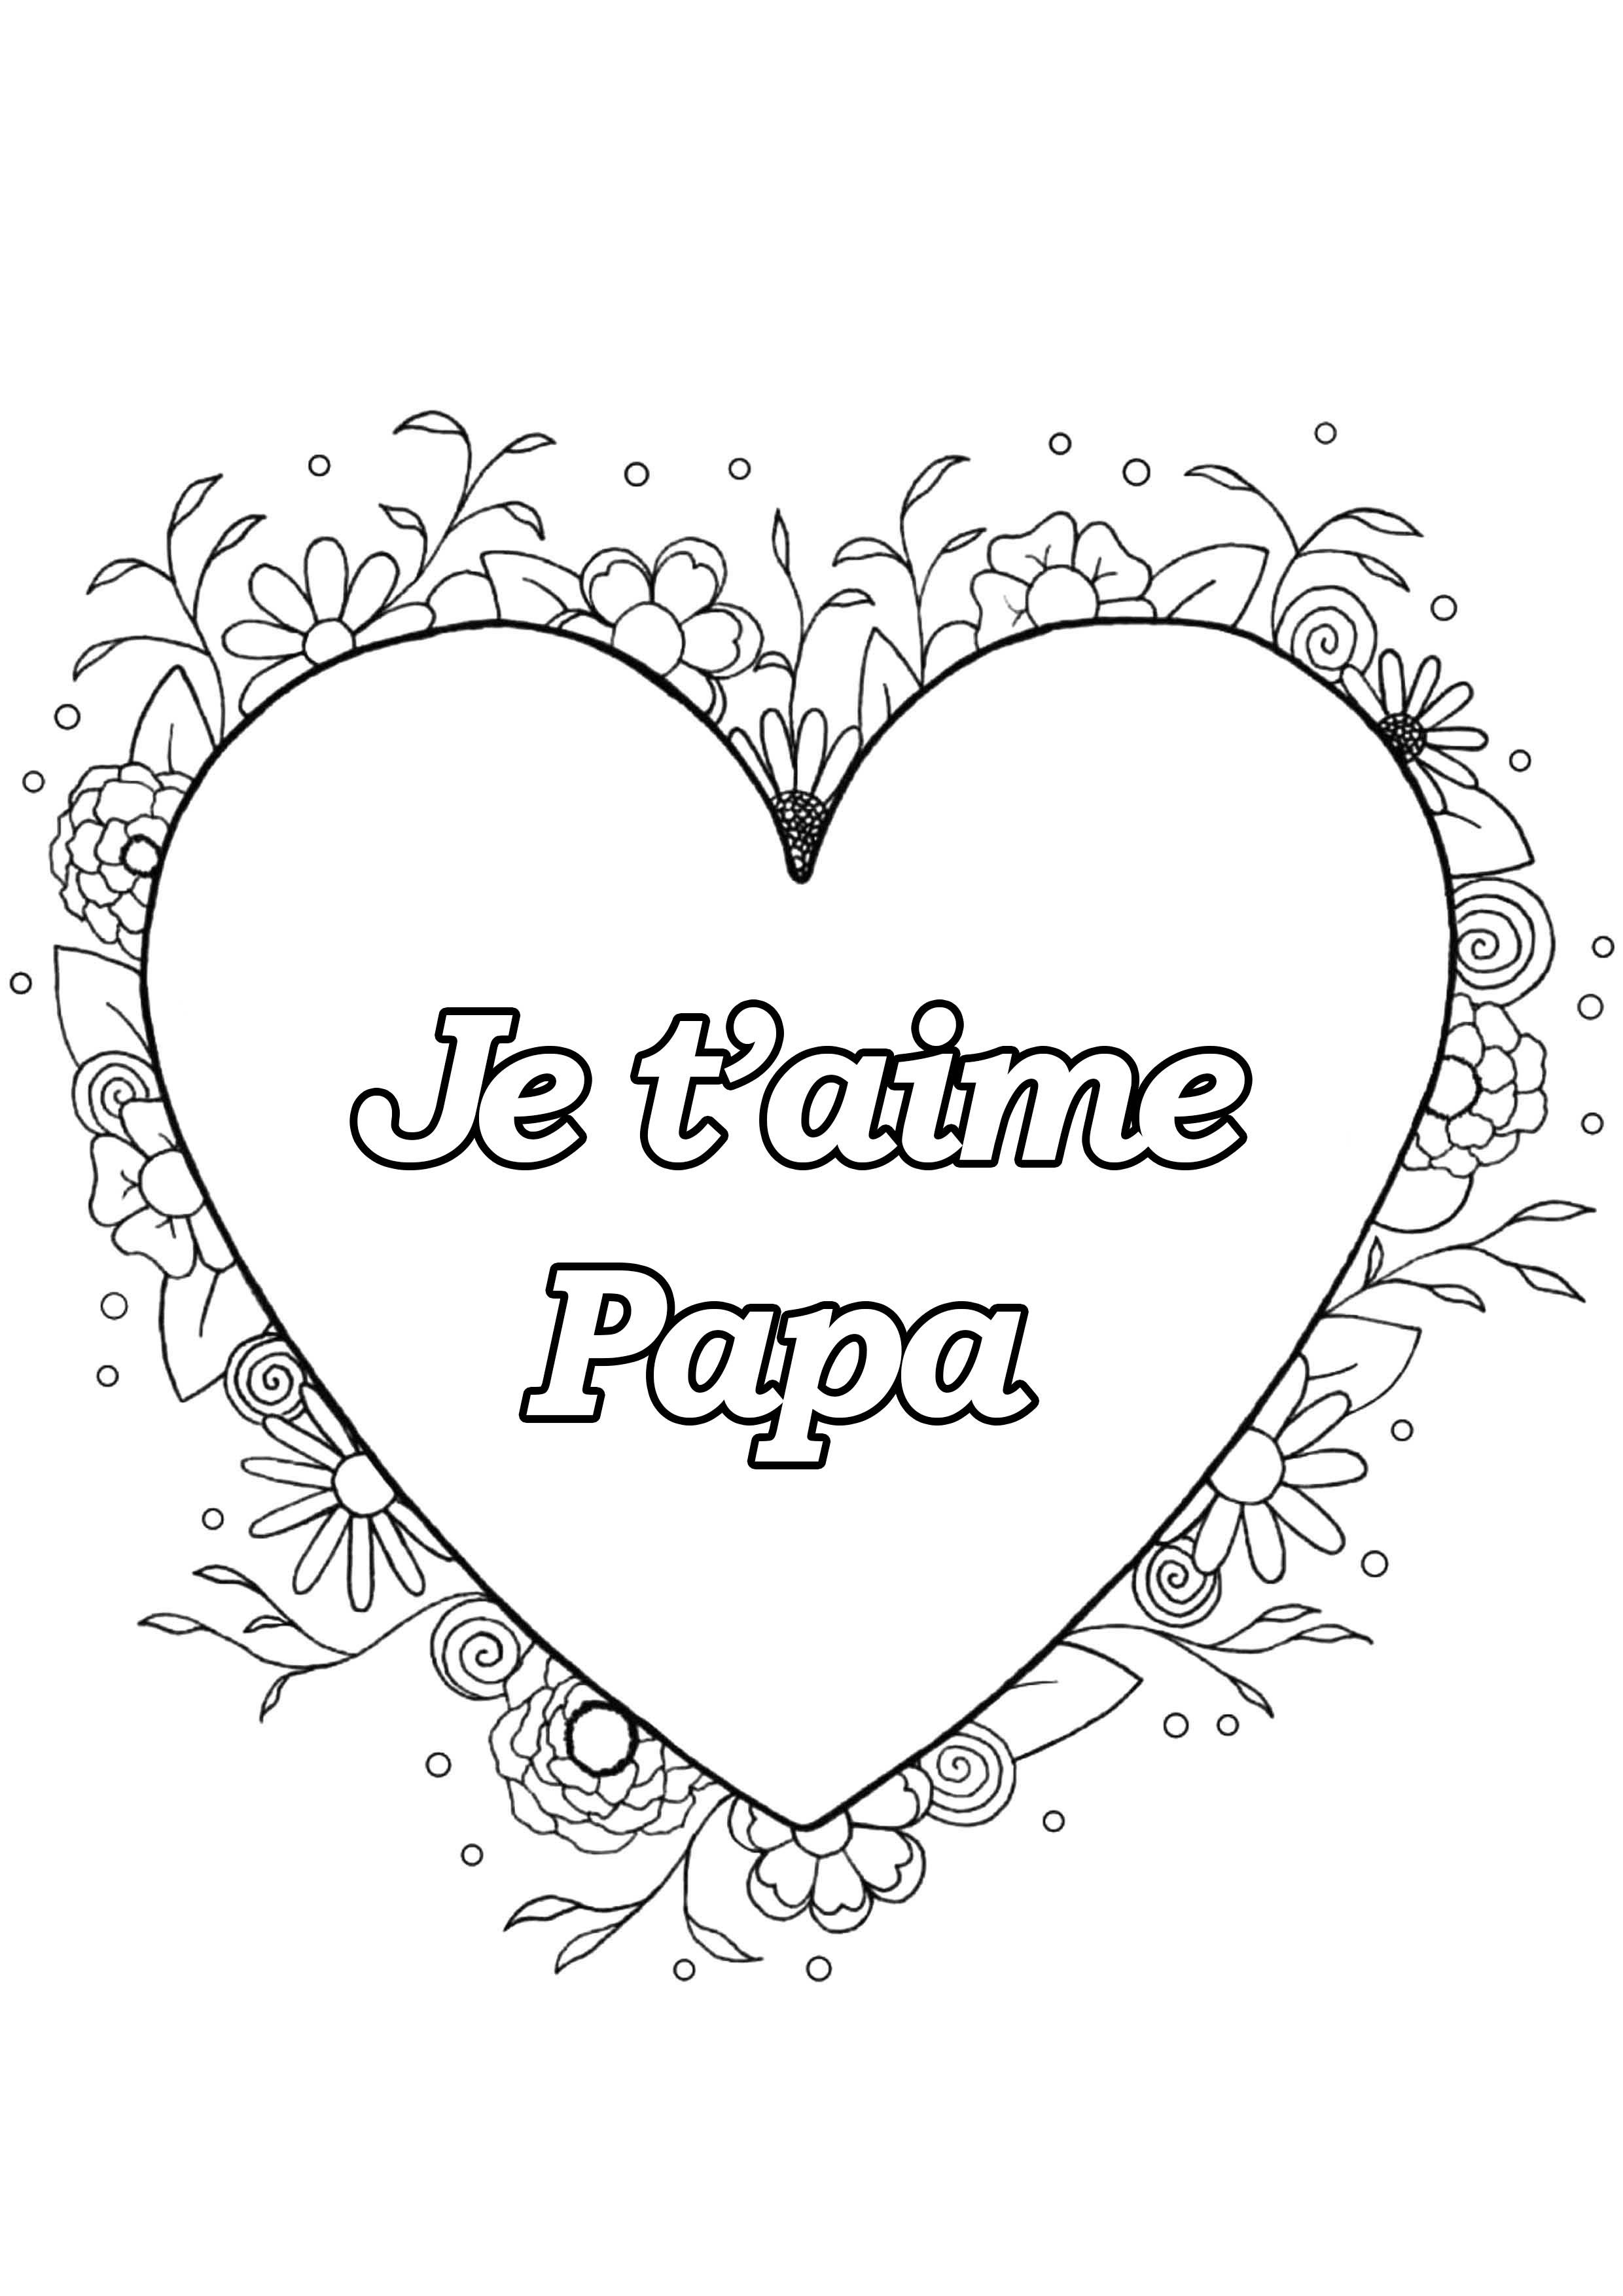 Coloriage spécial Fête des pères : Coeur & fleurs - 2